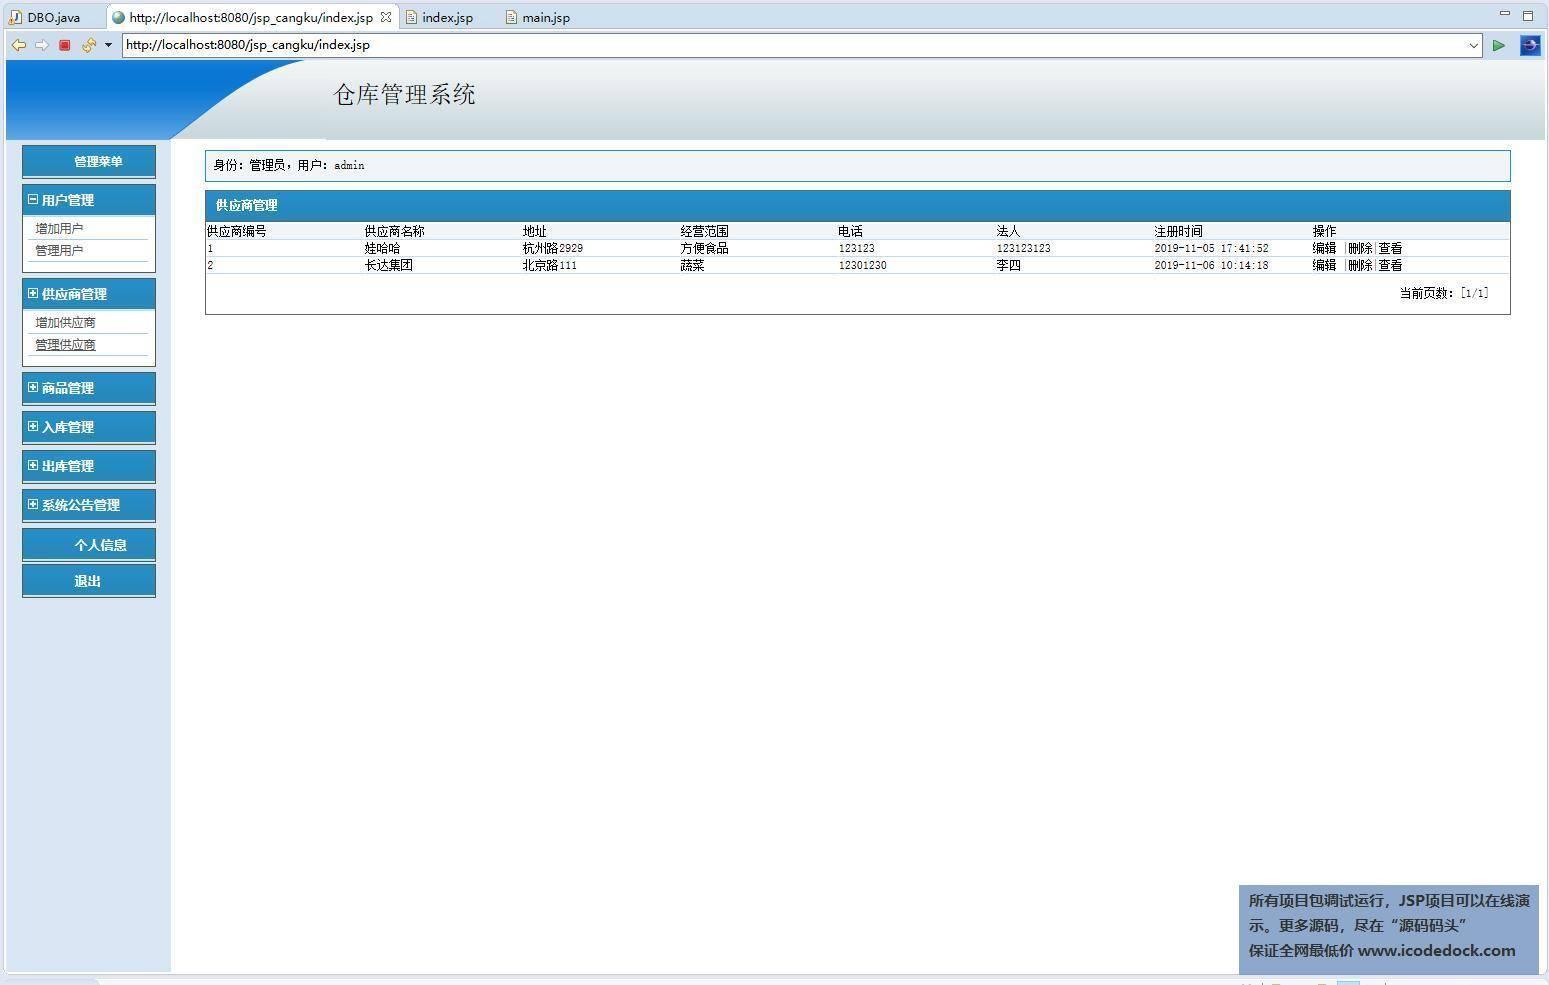 源码码头-JSP仓库管理系统-管理员角色-供应商管理